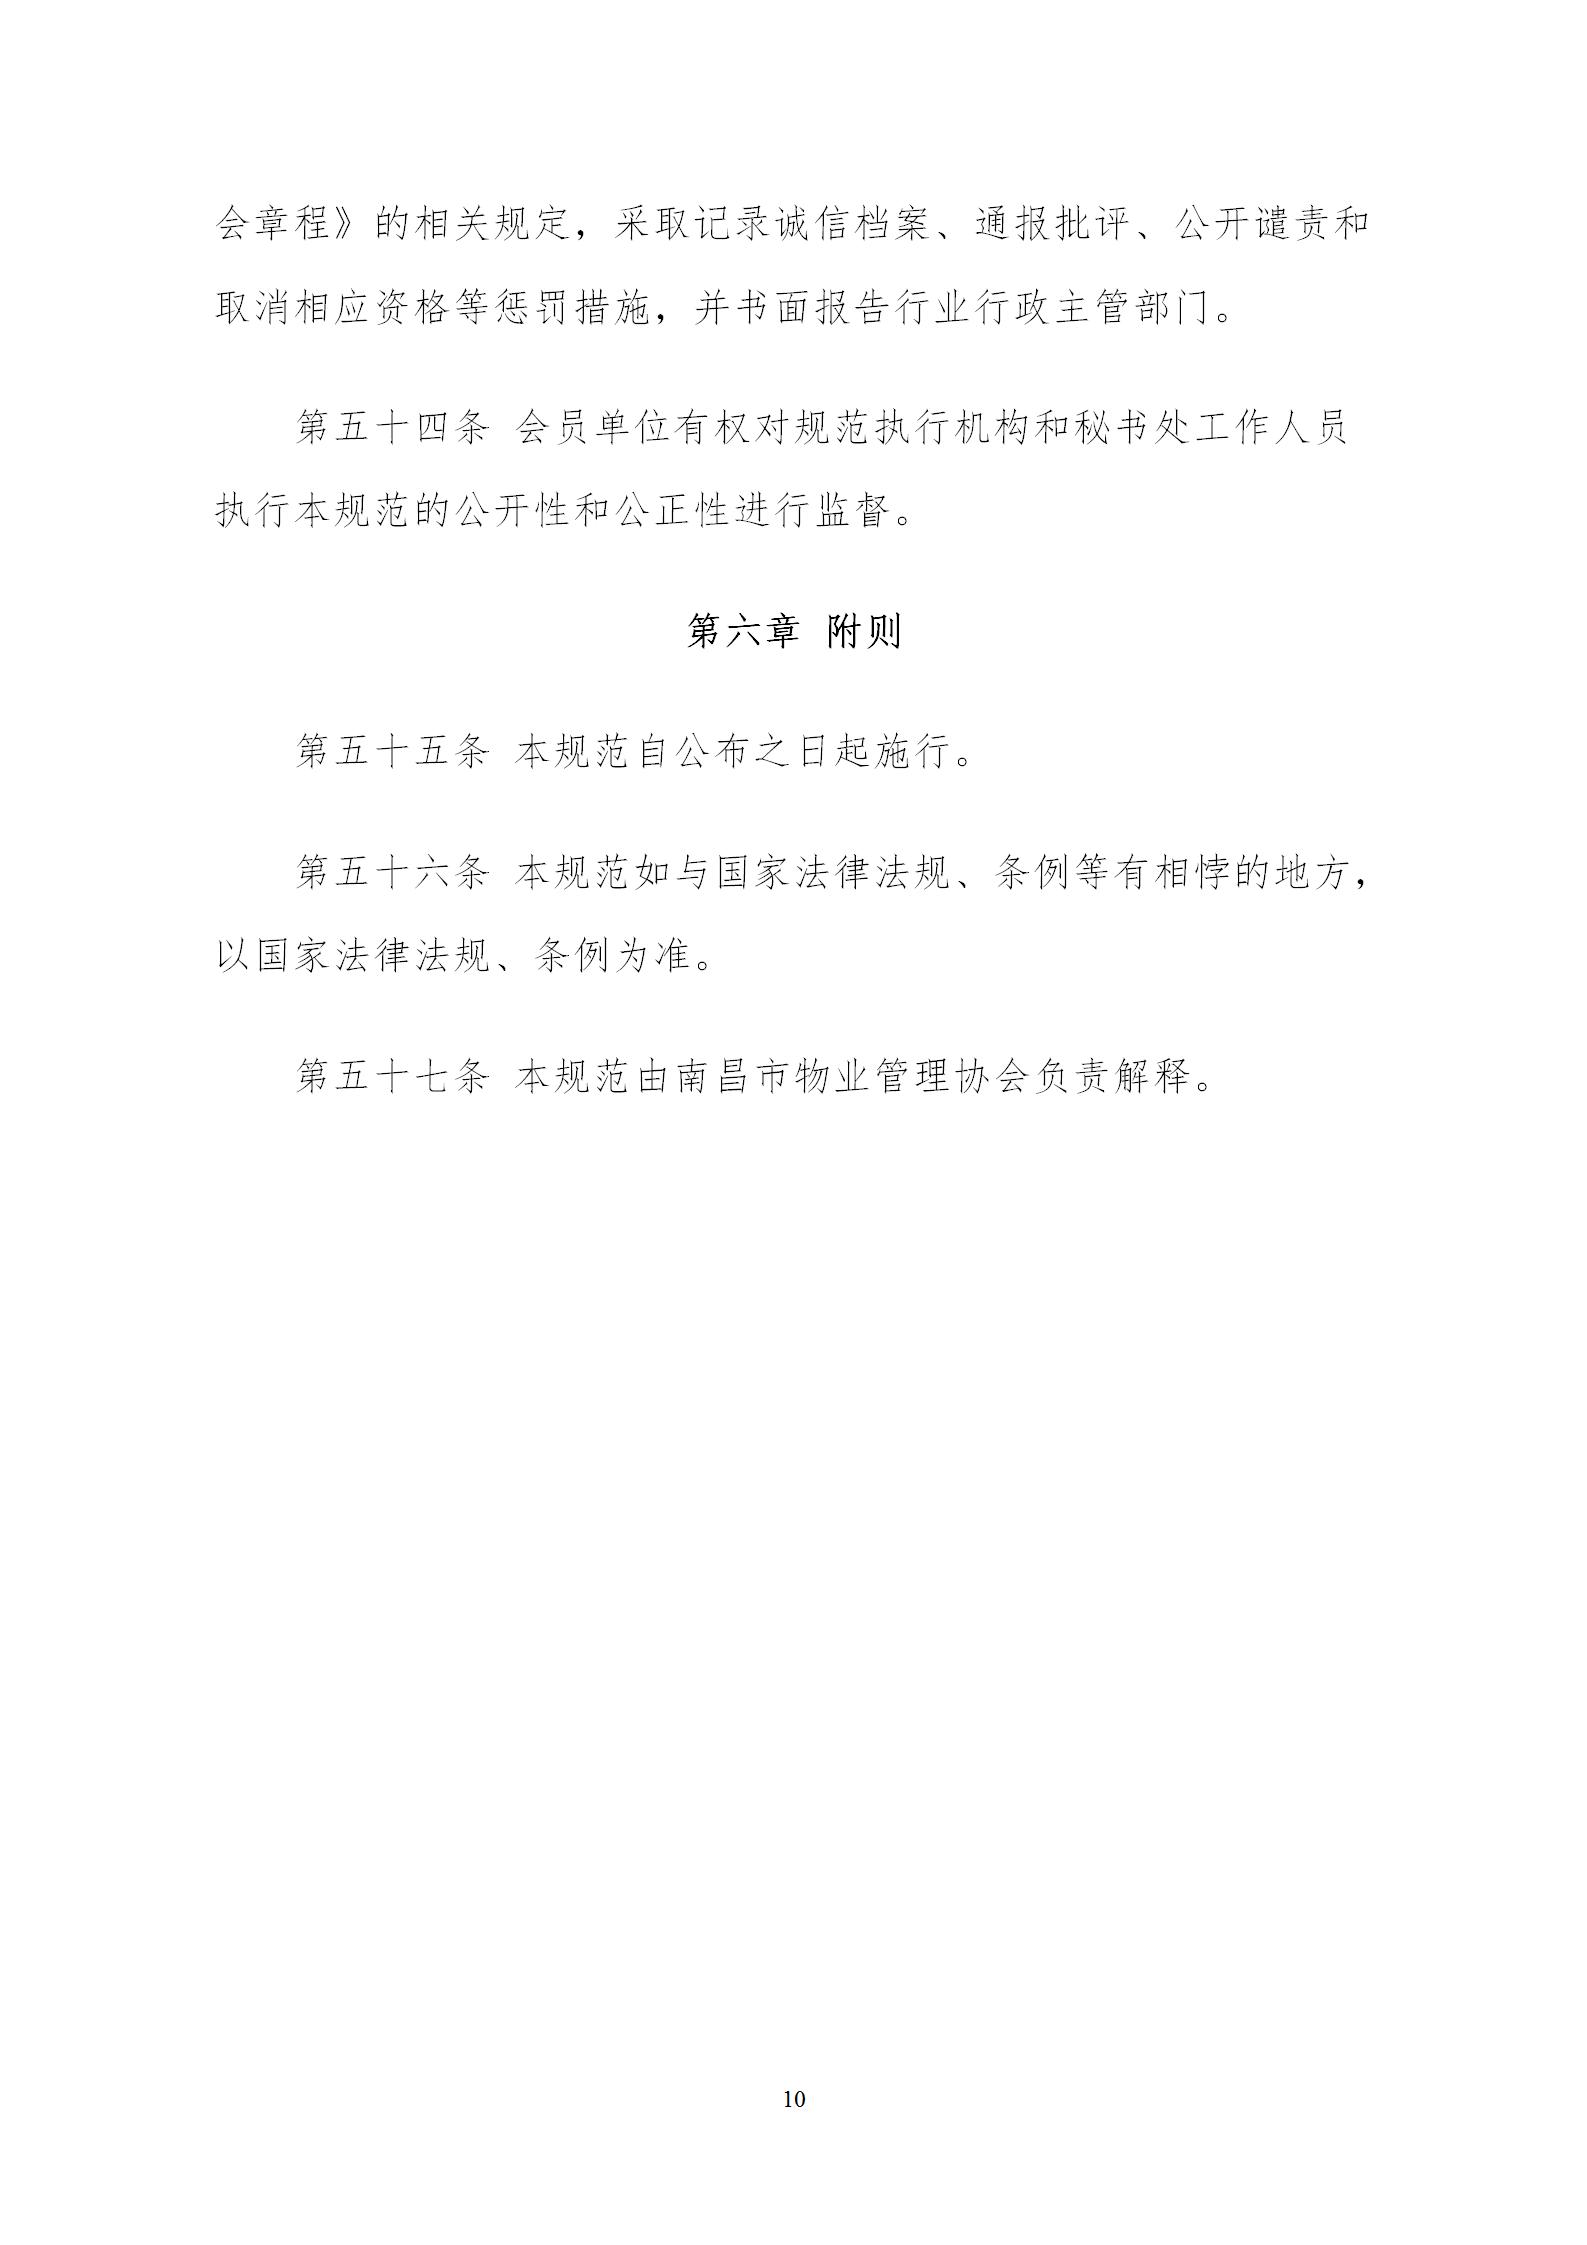 洪物协字[2020]20号关于贯彻落实《南昌市物业管理行业规范》的通知_10.png